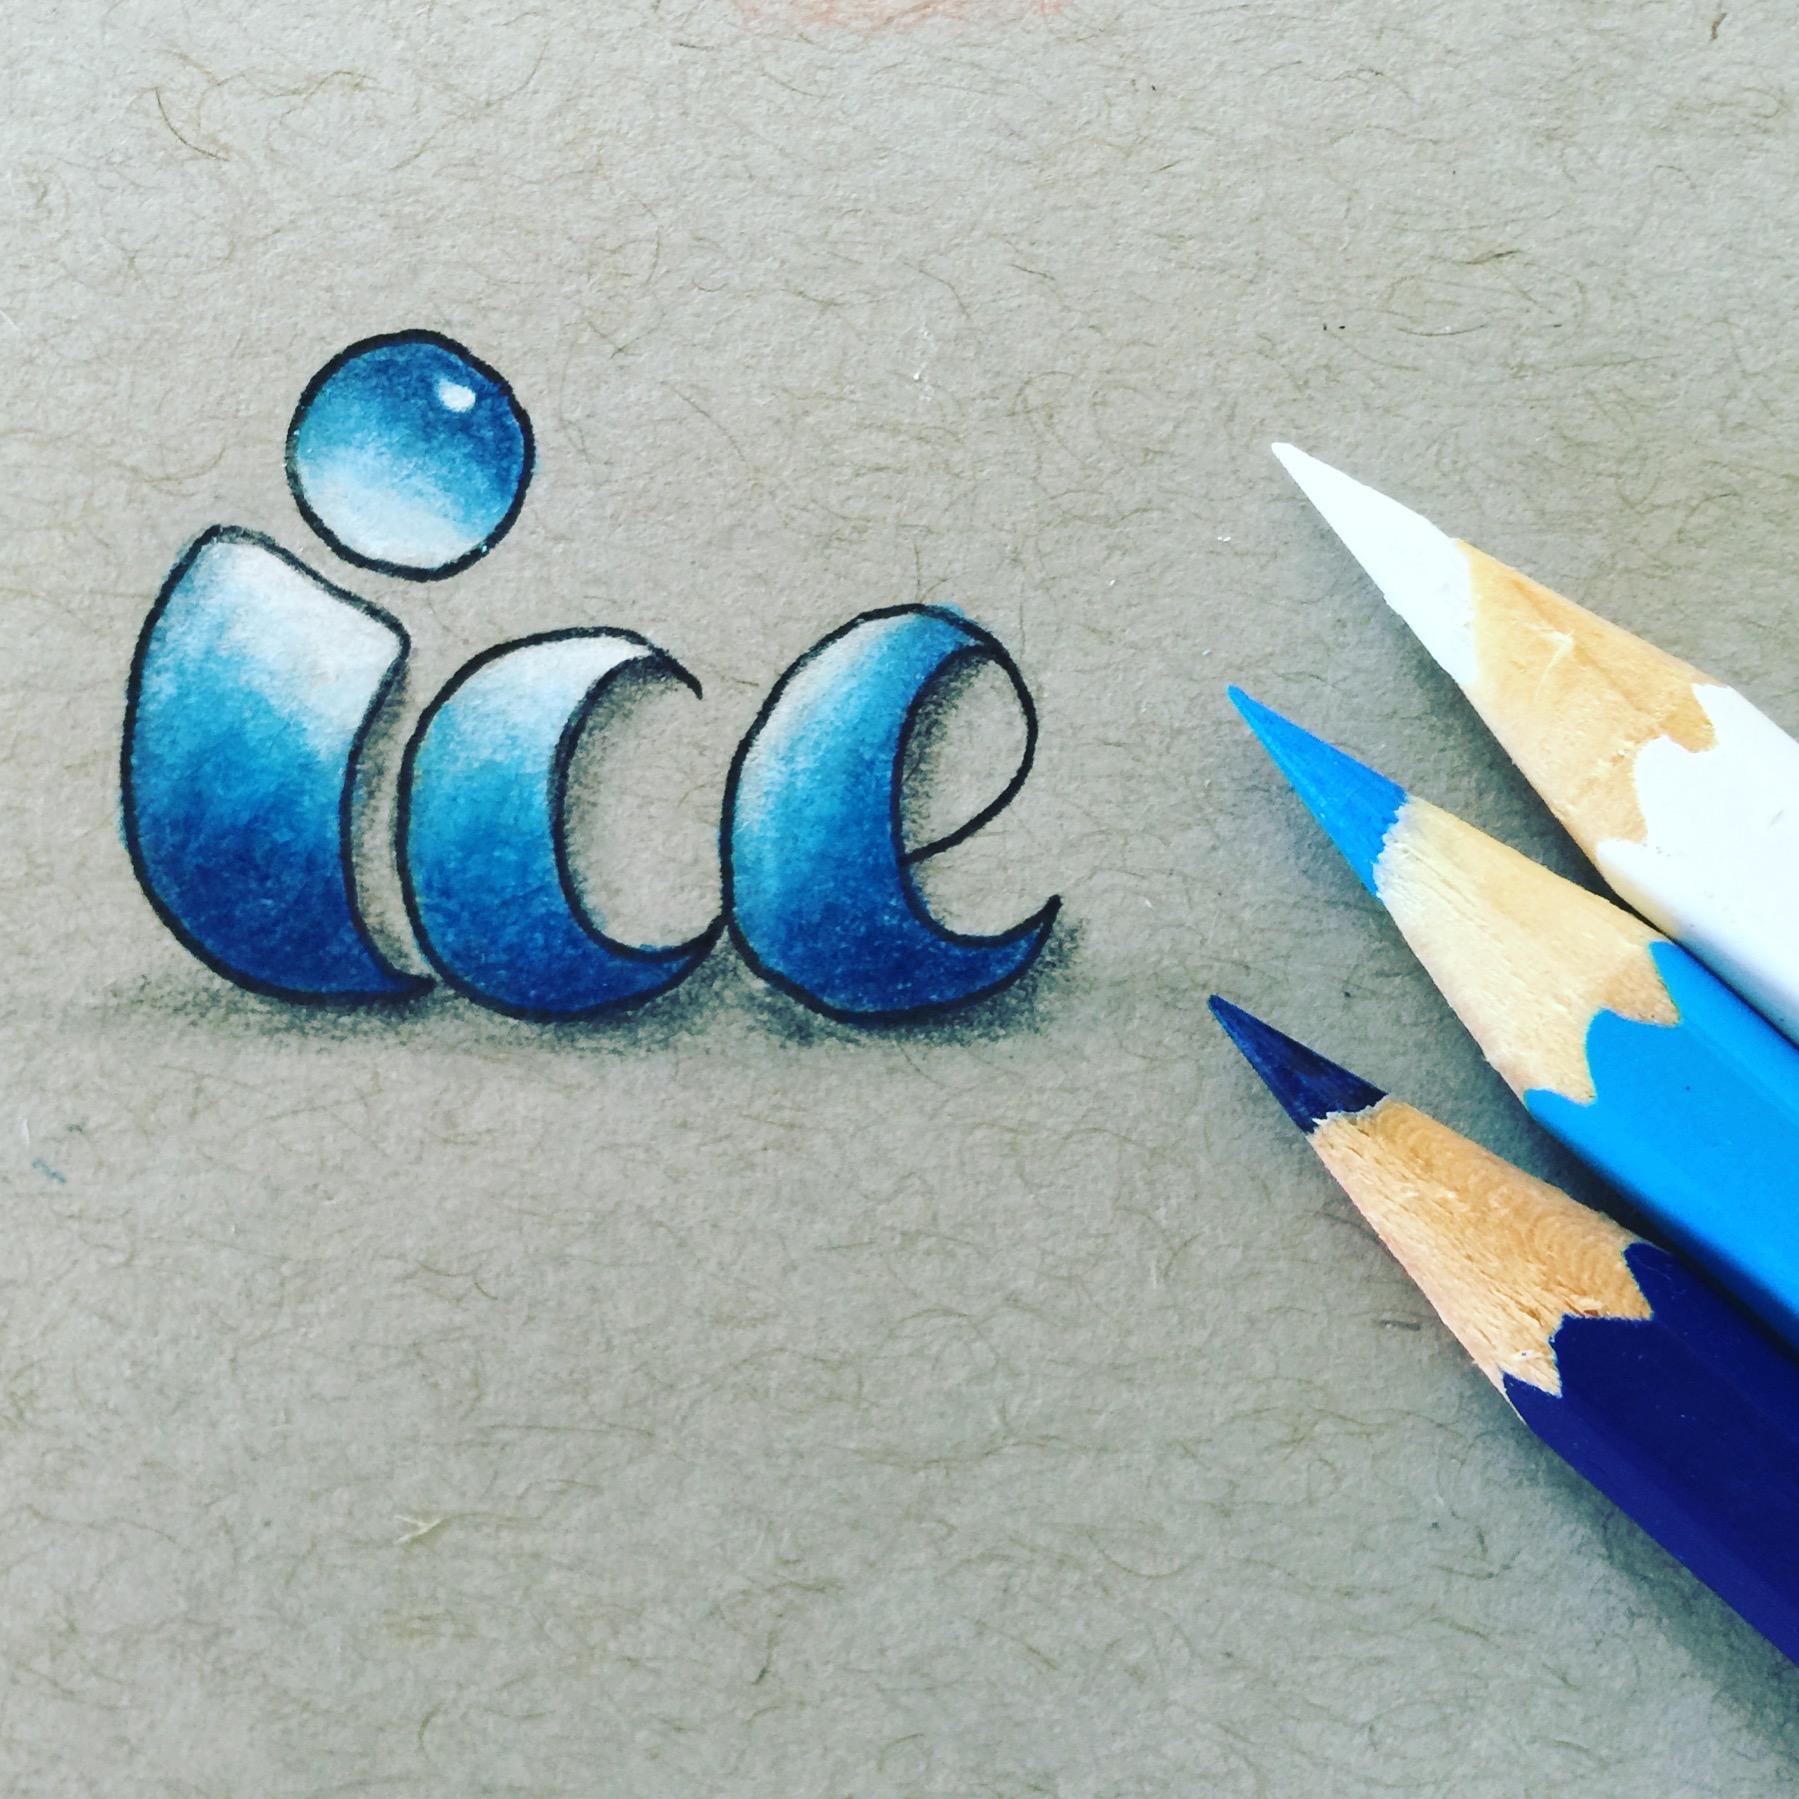 Ice - Buntstift Ombre Hand-Lettering